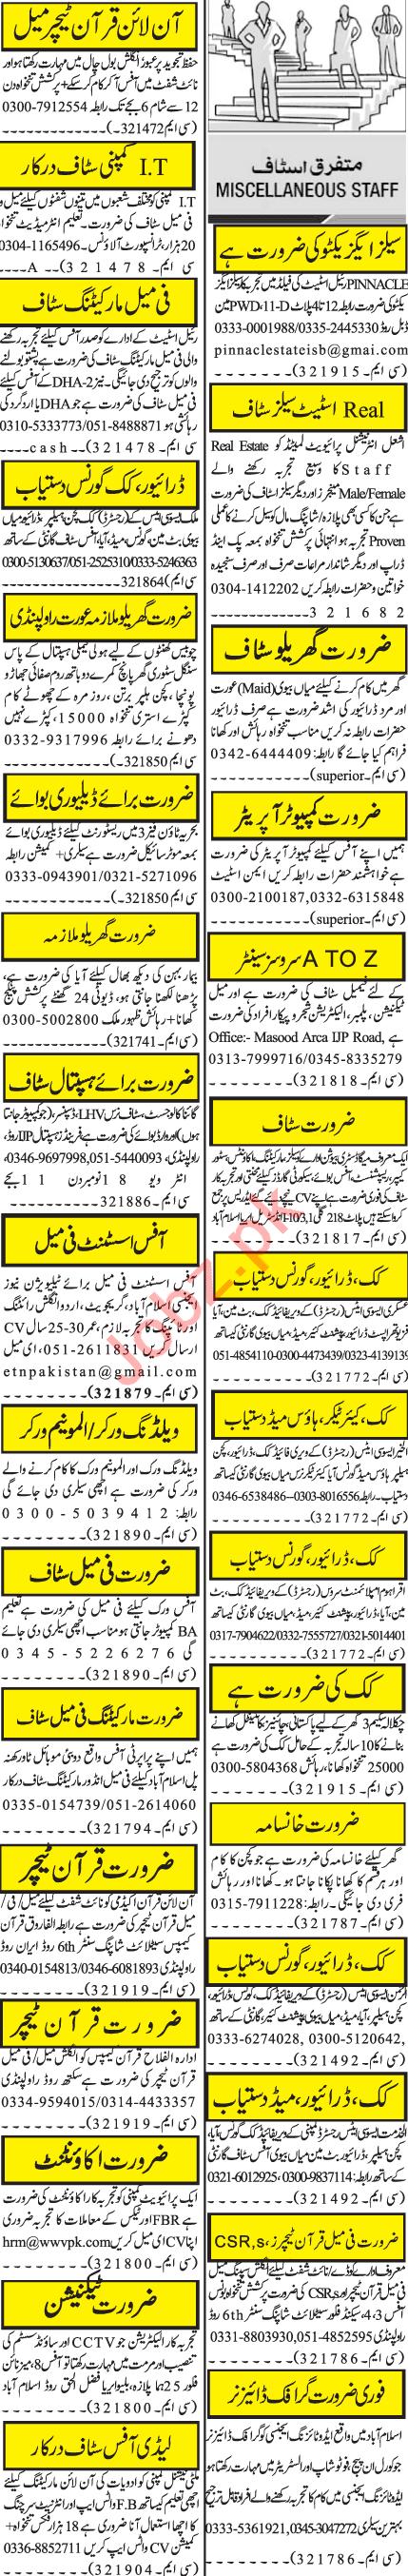 Jang Sunday Rawalpindi Classified Ads 15 Nov 2020